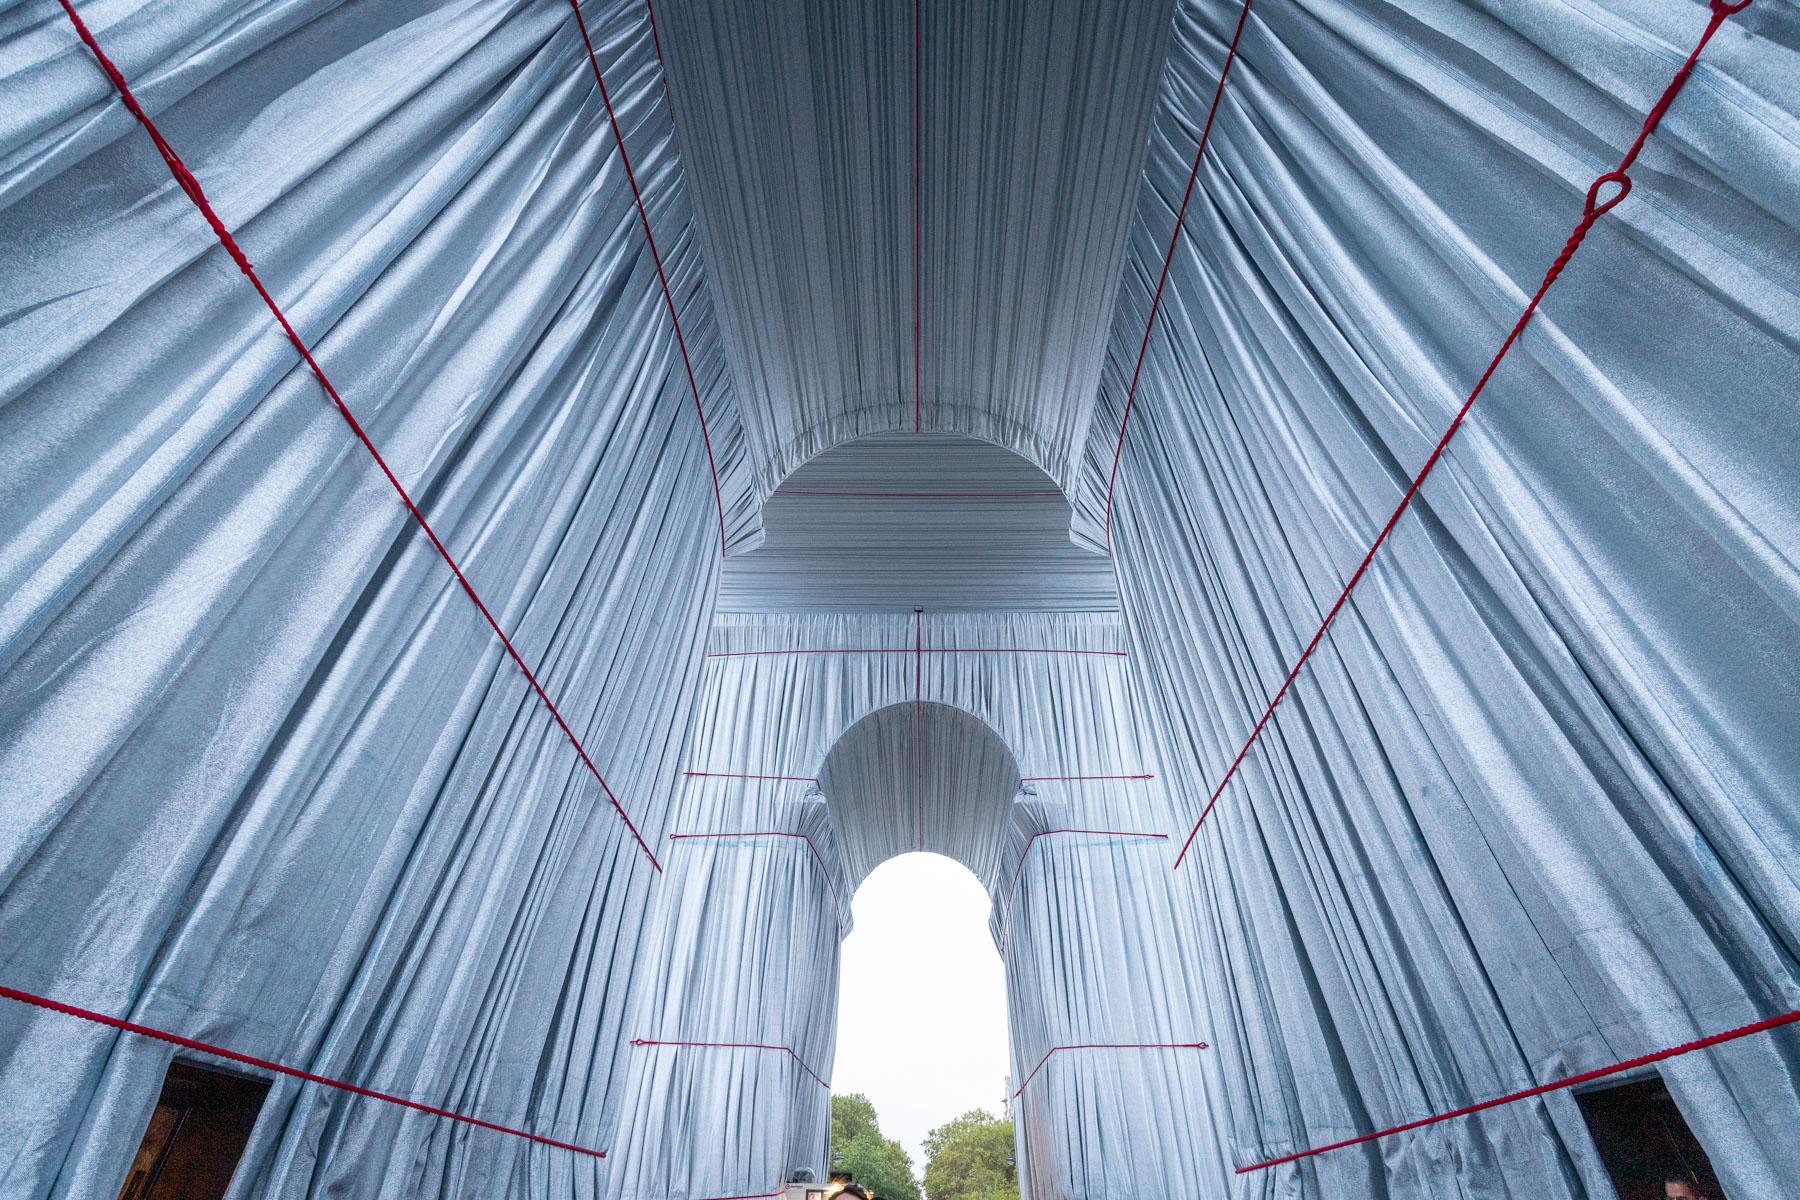 Wrapped par Christo et Jeanne-Claude - Septembre 2021